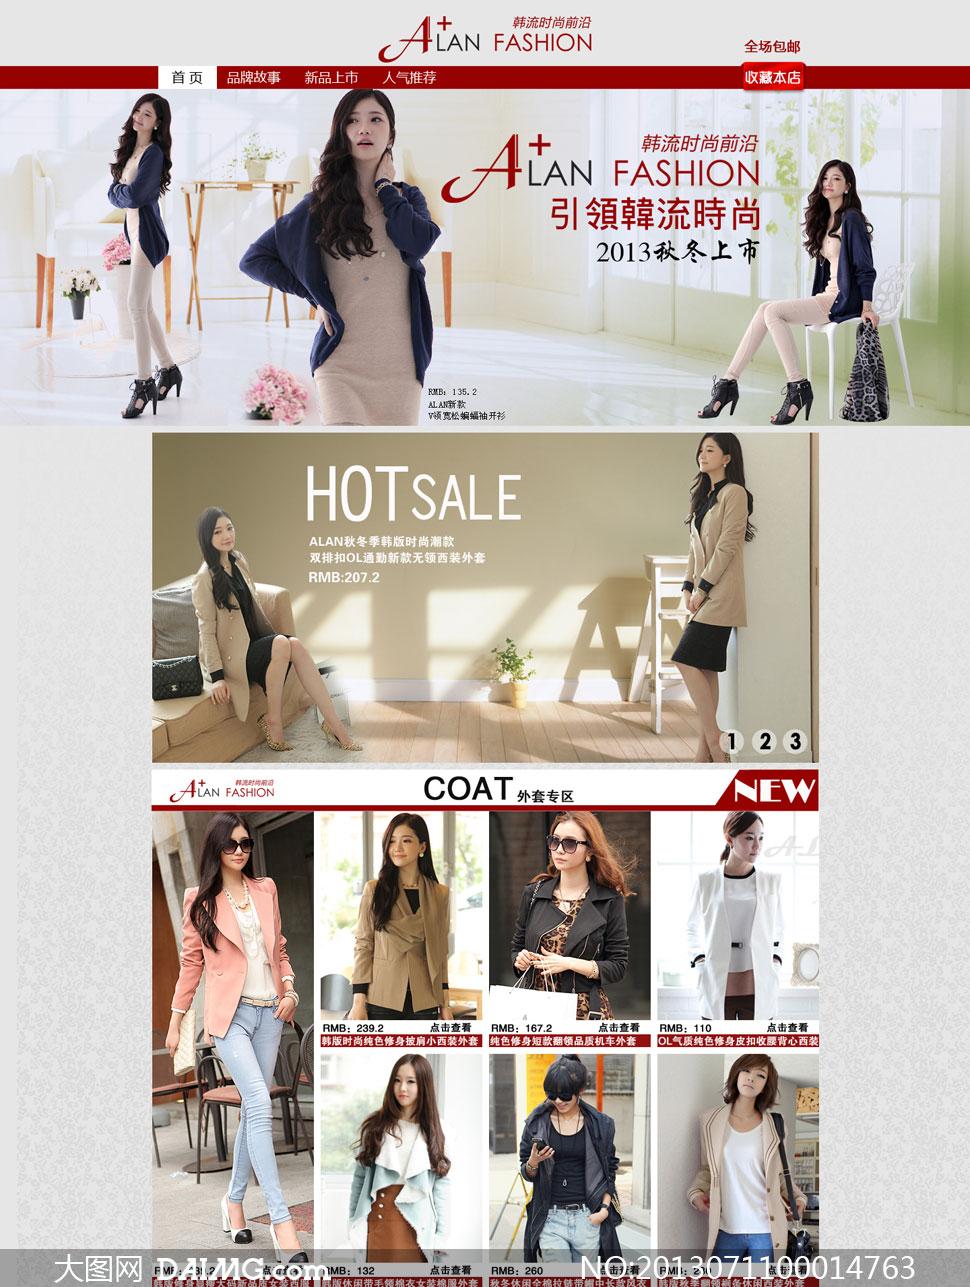 韩版女装_淘宝大气女装店铺装修模板PSD素材 - 大图网素材daimg.com